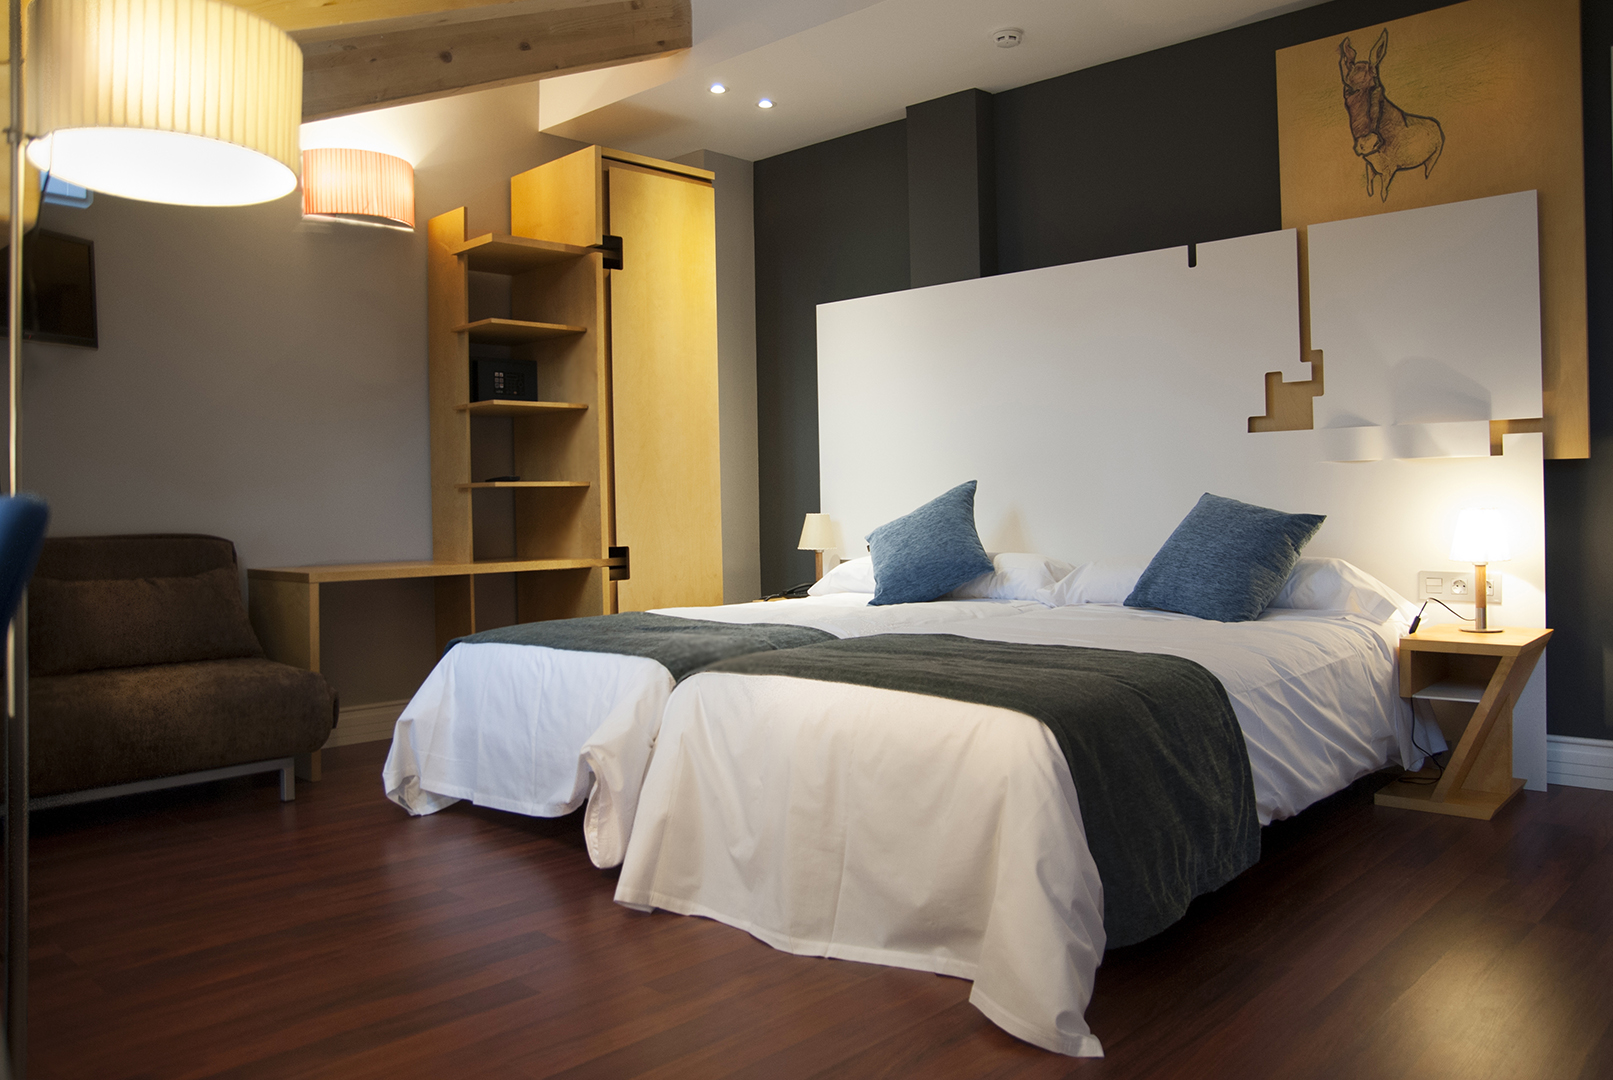 Habitación de hotel. Armario, cabecero y mesillas fueron realizados por Rhico en solid surface y madera teñida en un amarillo escogido.